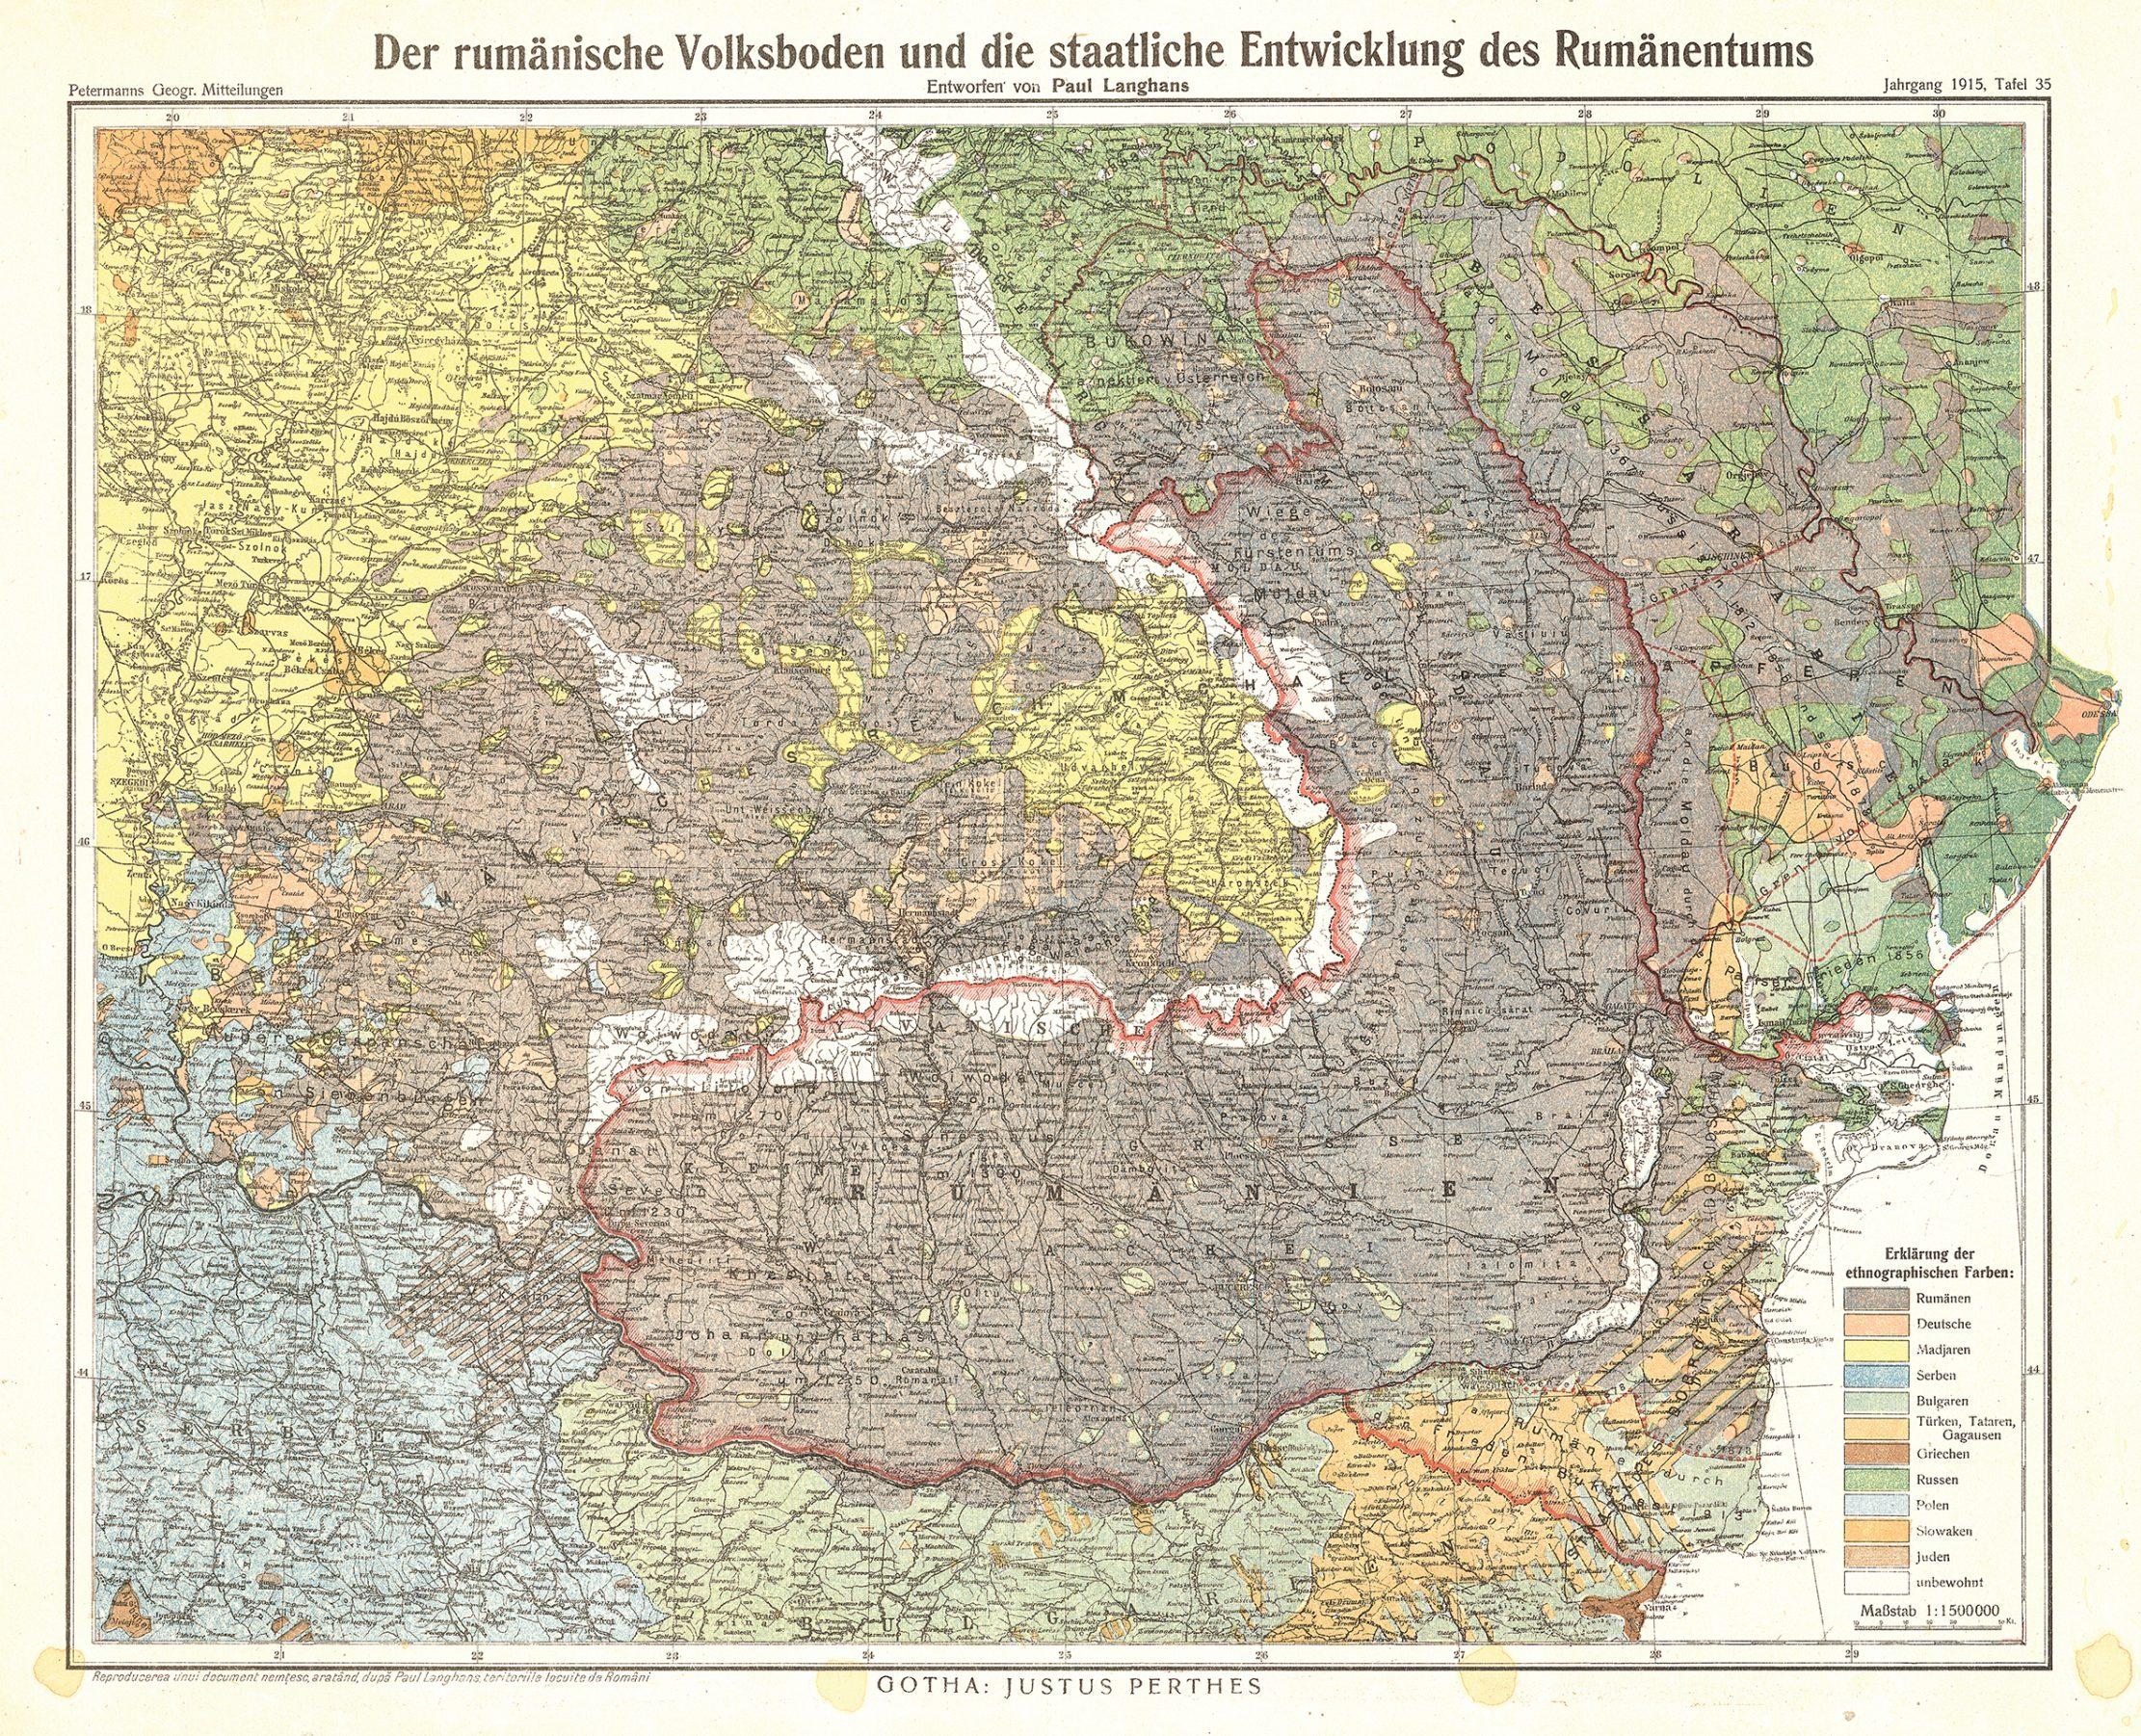 Hartă etnografică a românilor realizată de Paul Langhans în 1915